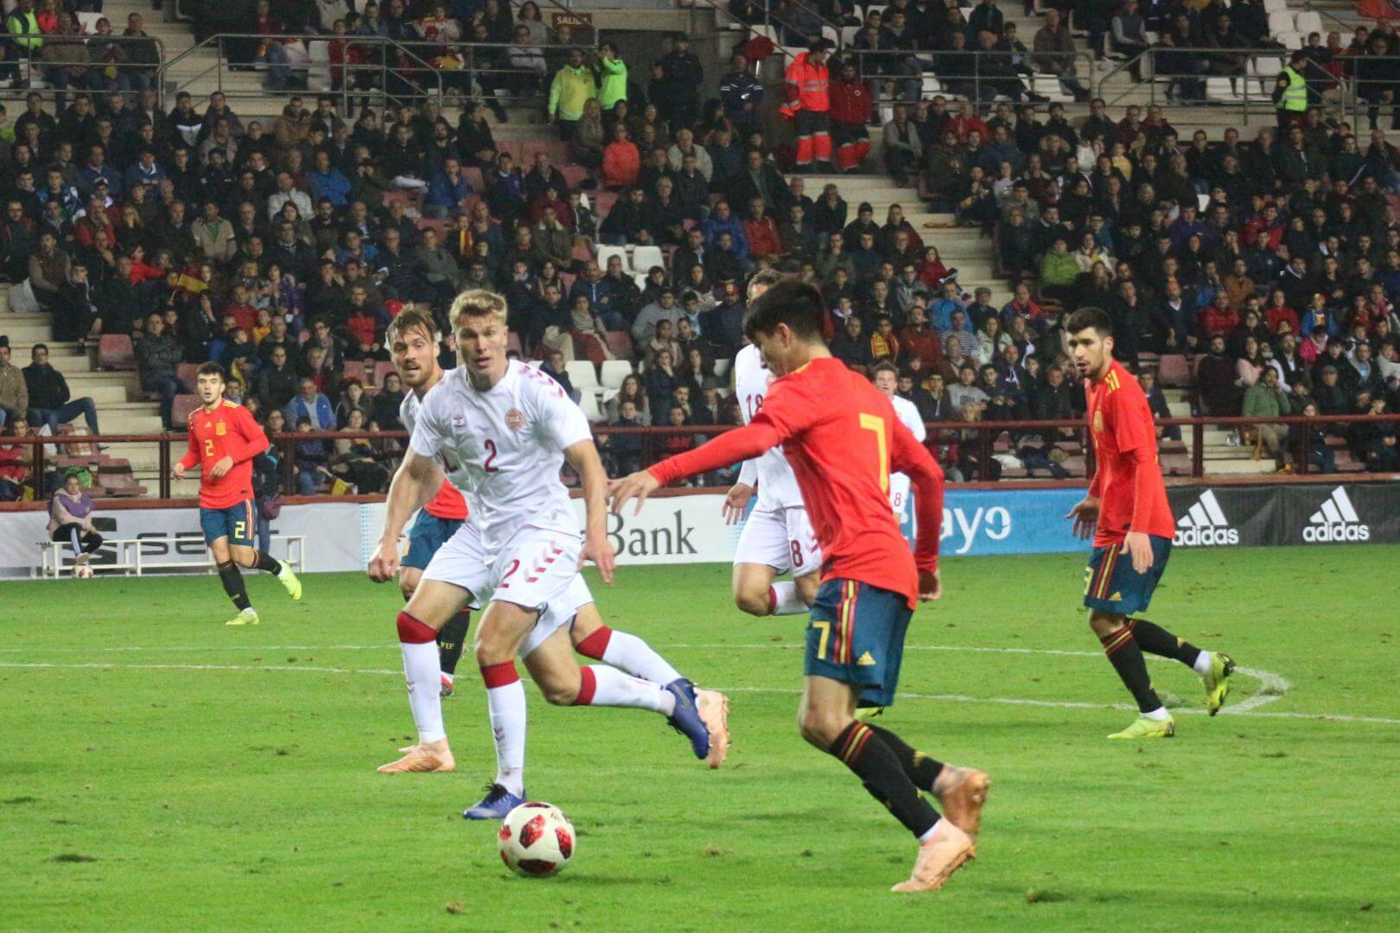 La Sub-21 de Luis de la Fuente remonta y golea en Las Gaunas 2